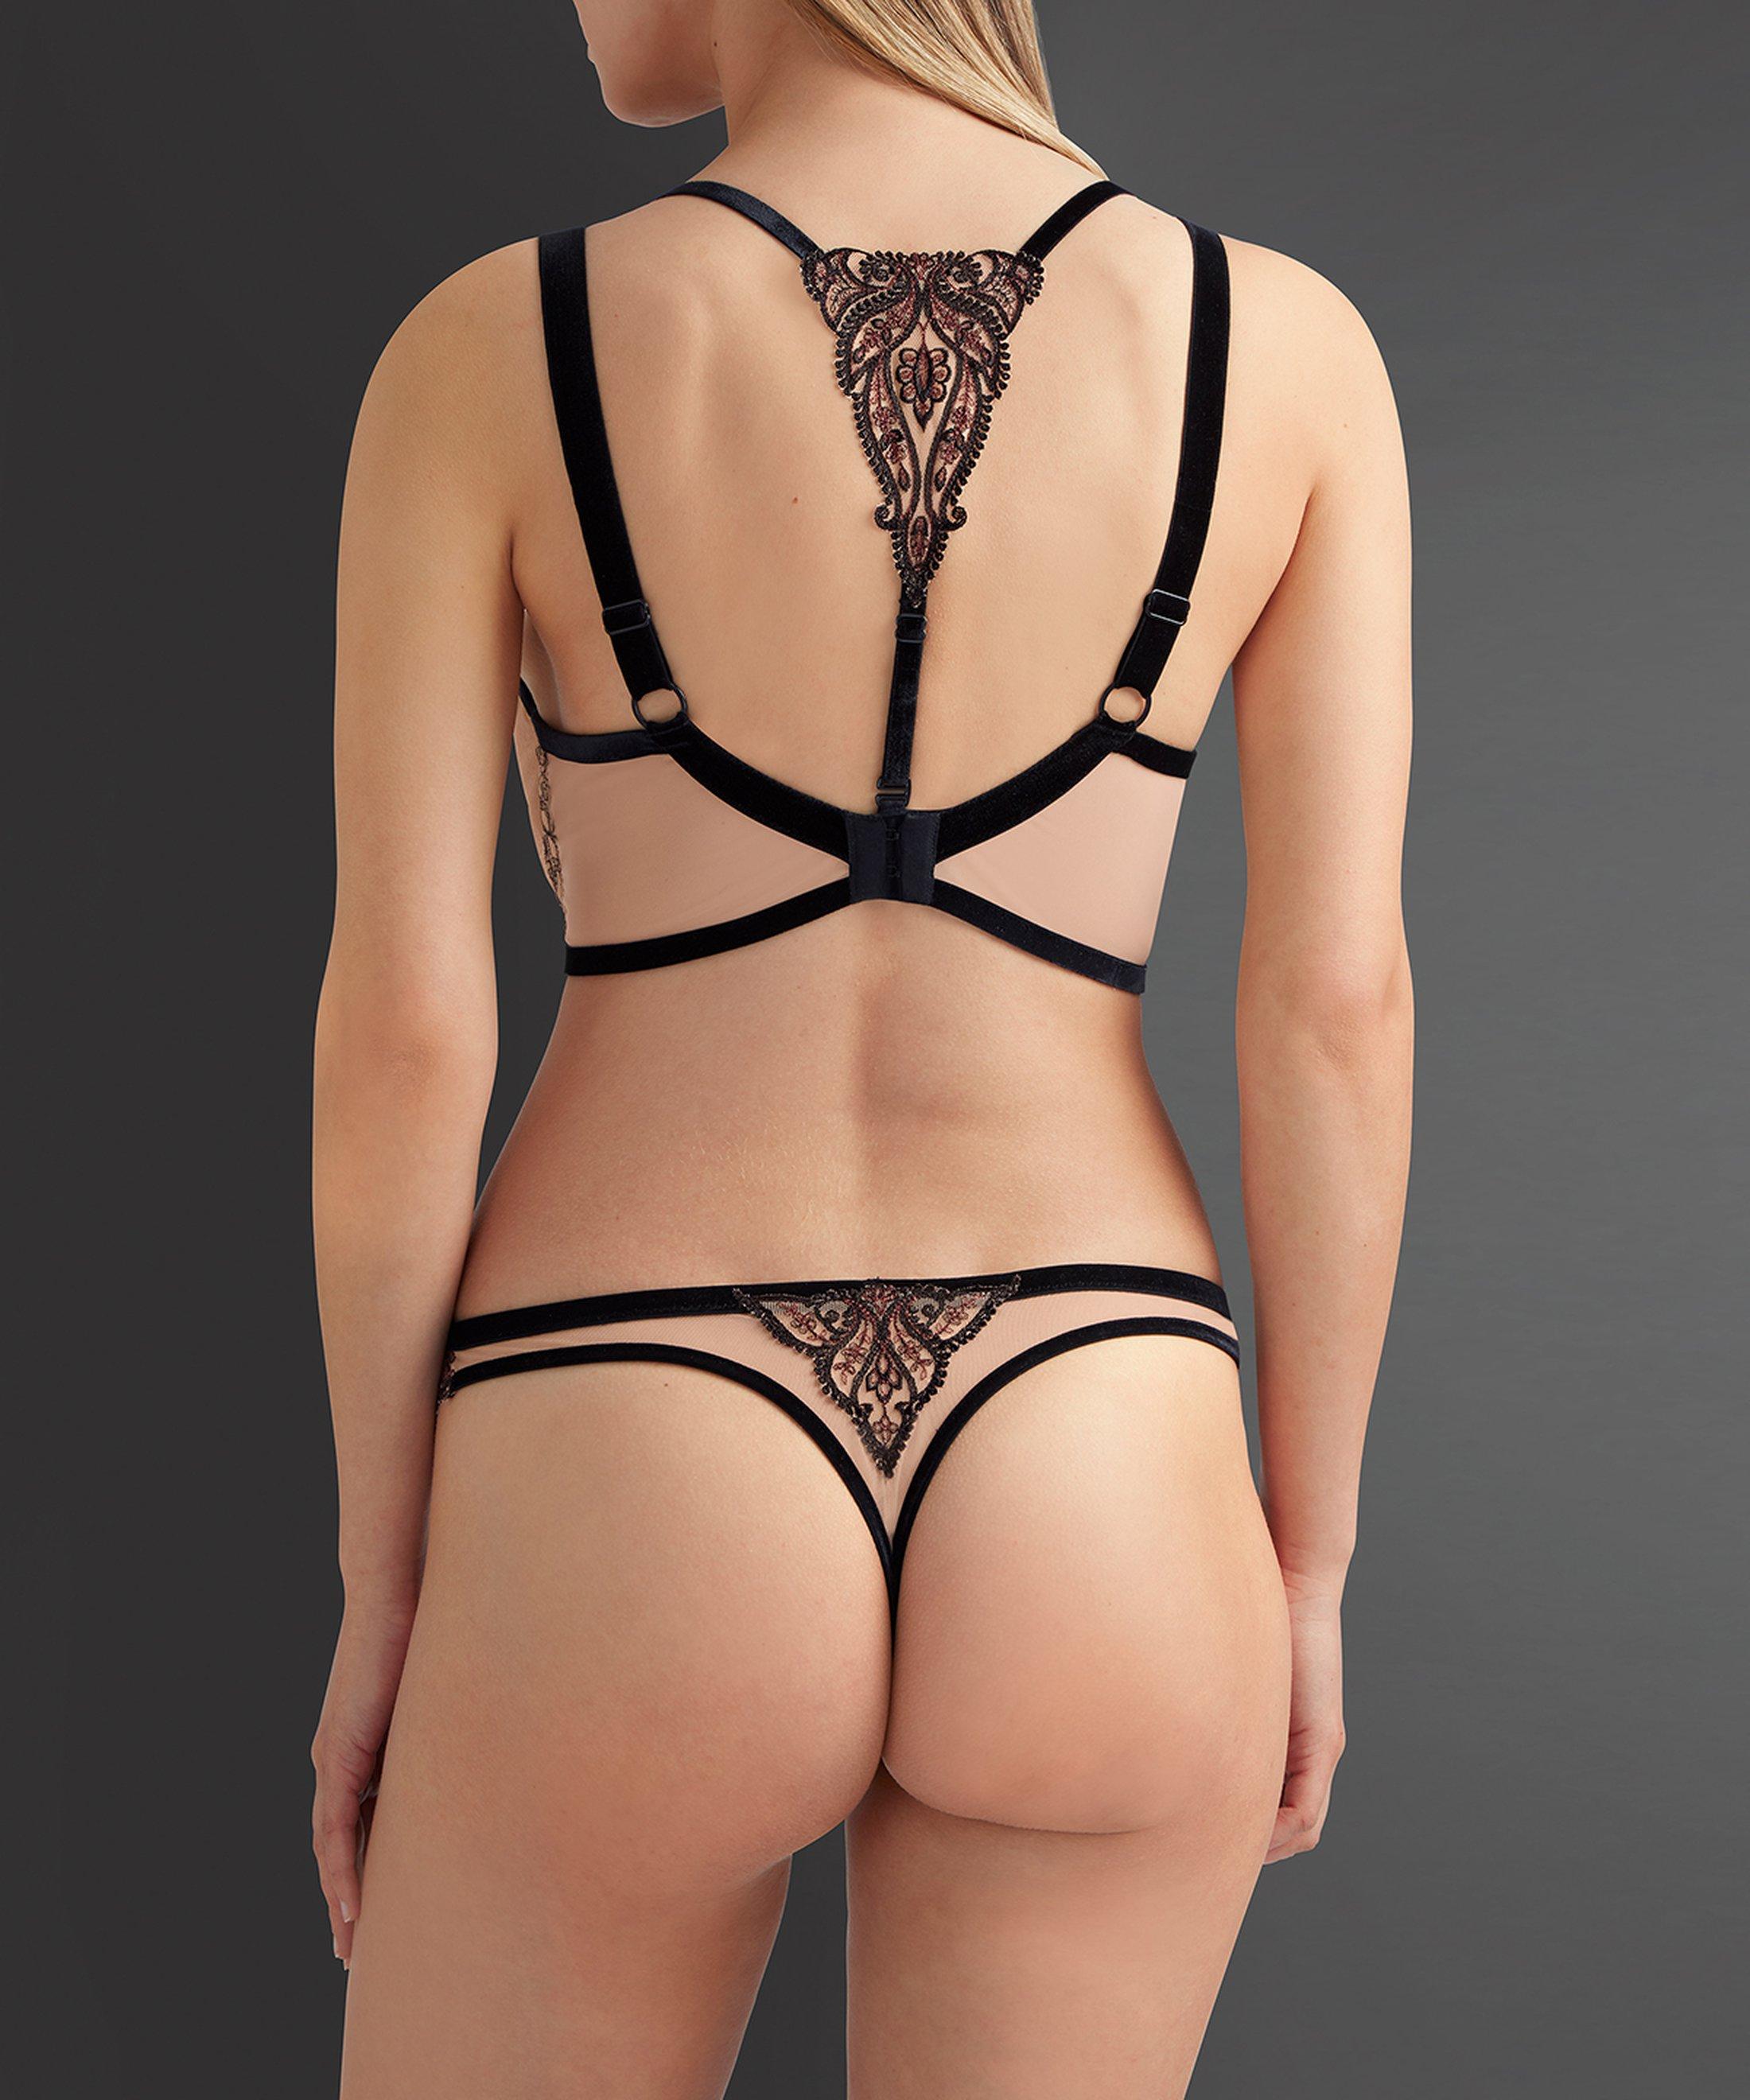 COEURS ENLACÉS Comfort triangle plunge bra Serenade Black | Aubade